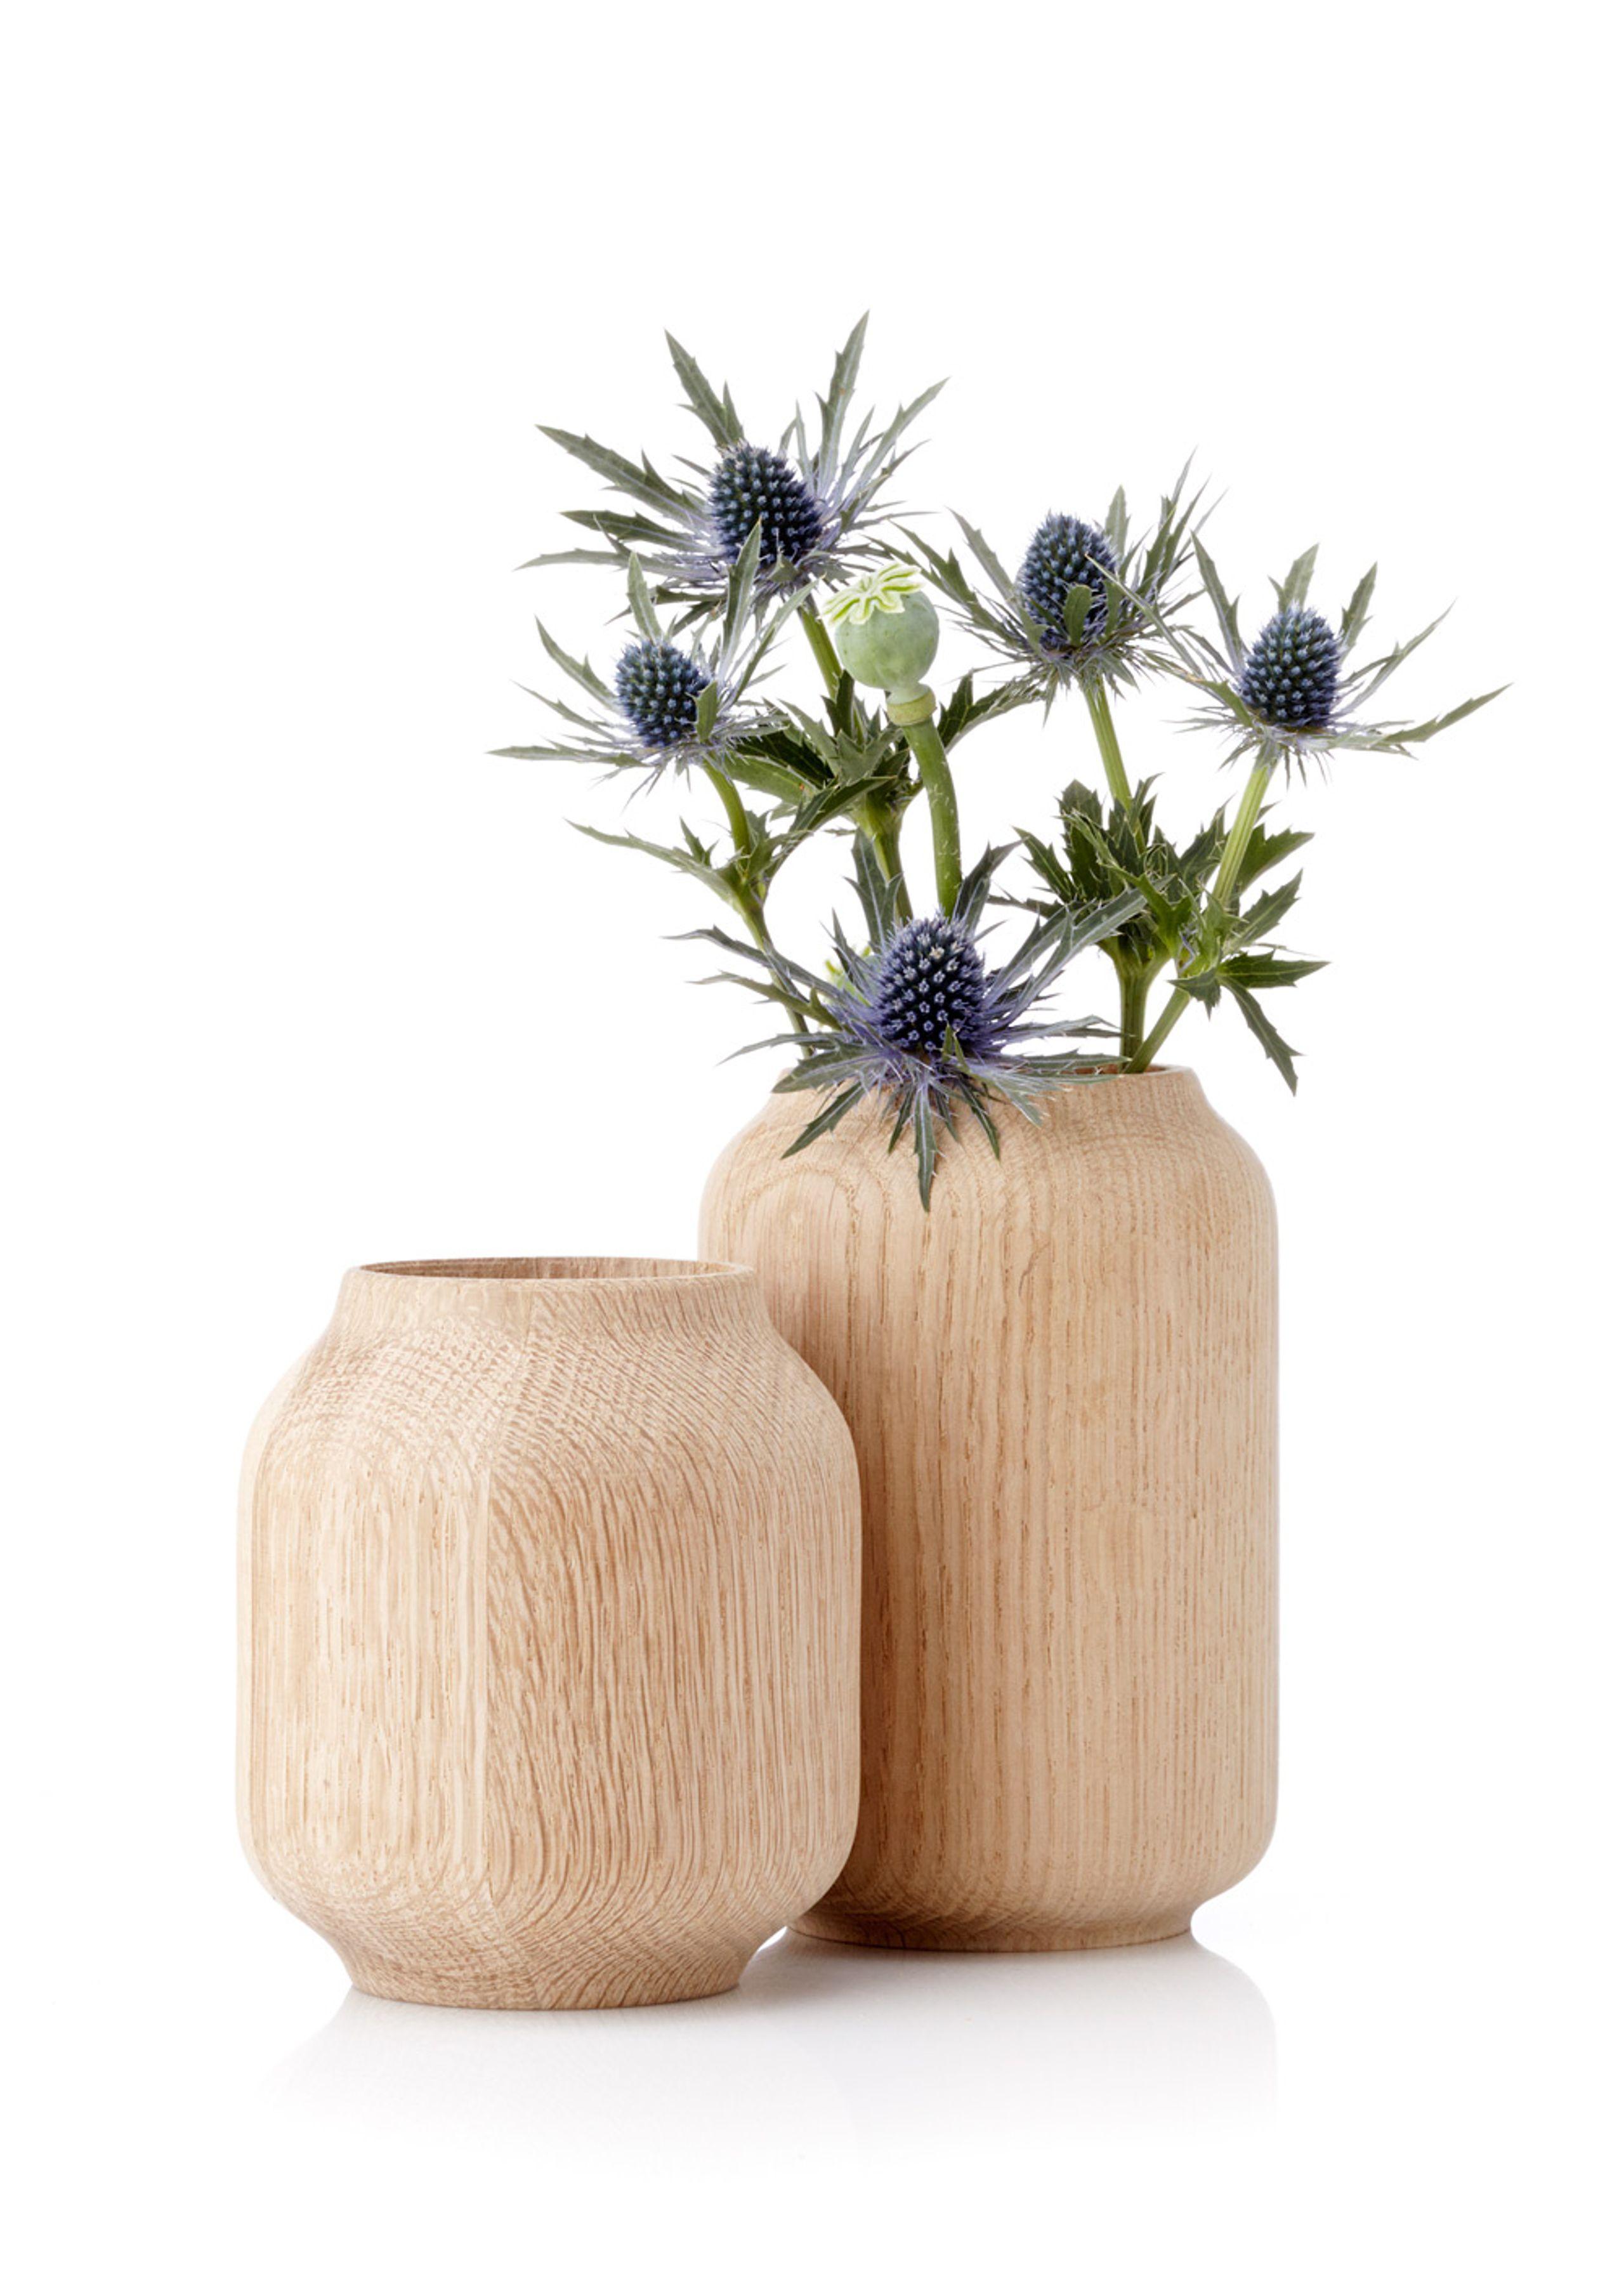 Applicata Poppy Vase : poppy vase vase applicata ~ Michelbontemps.com Haus und Dekorationen